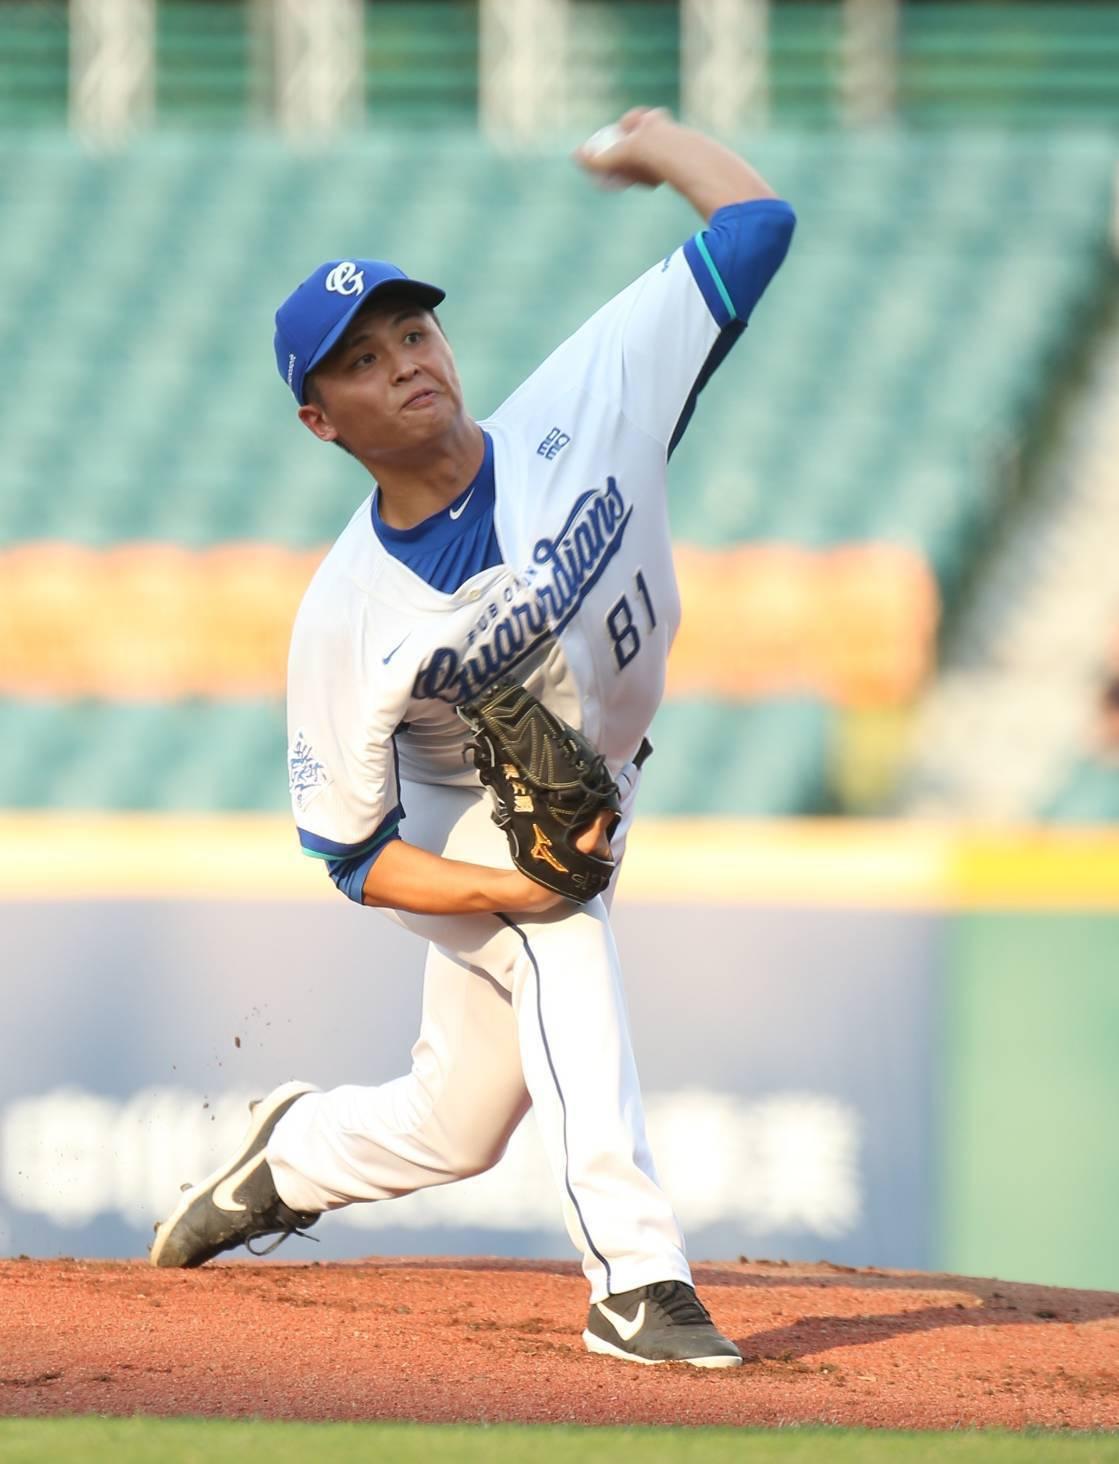 悍將隊先發投手陳仕朋拿到本季第8勝。記者林澔一/攝影